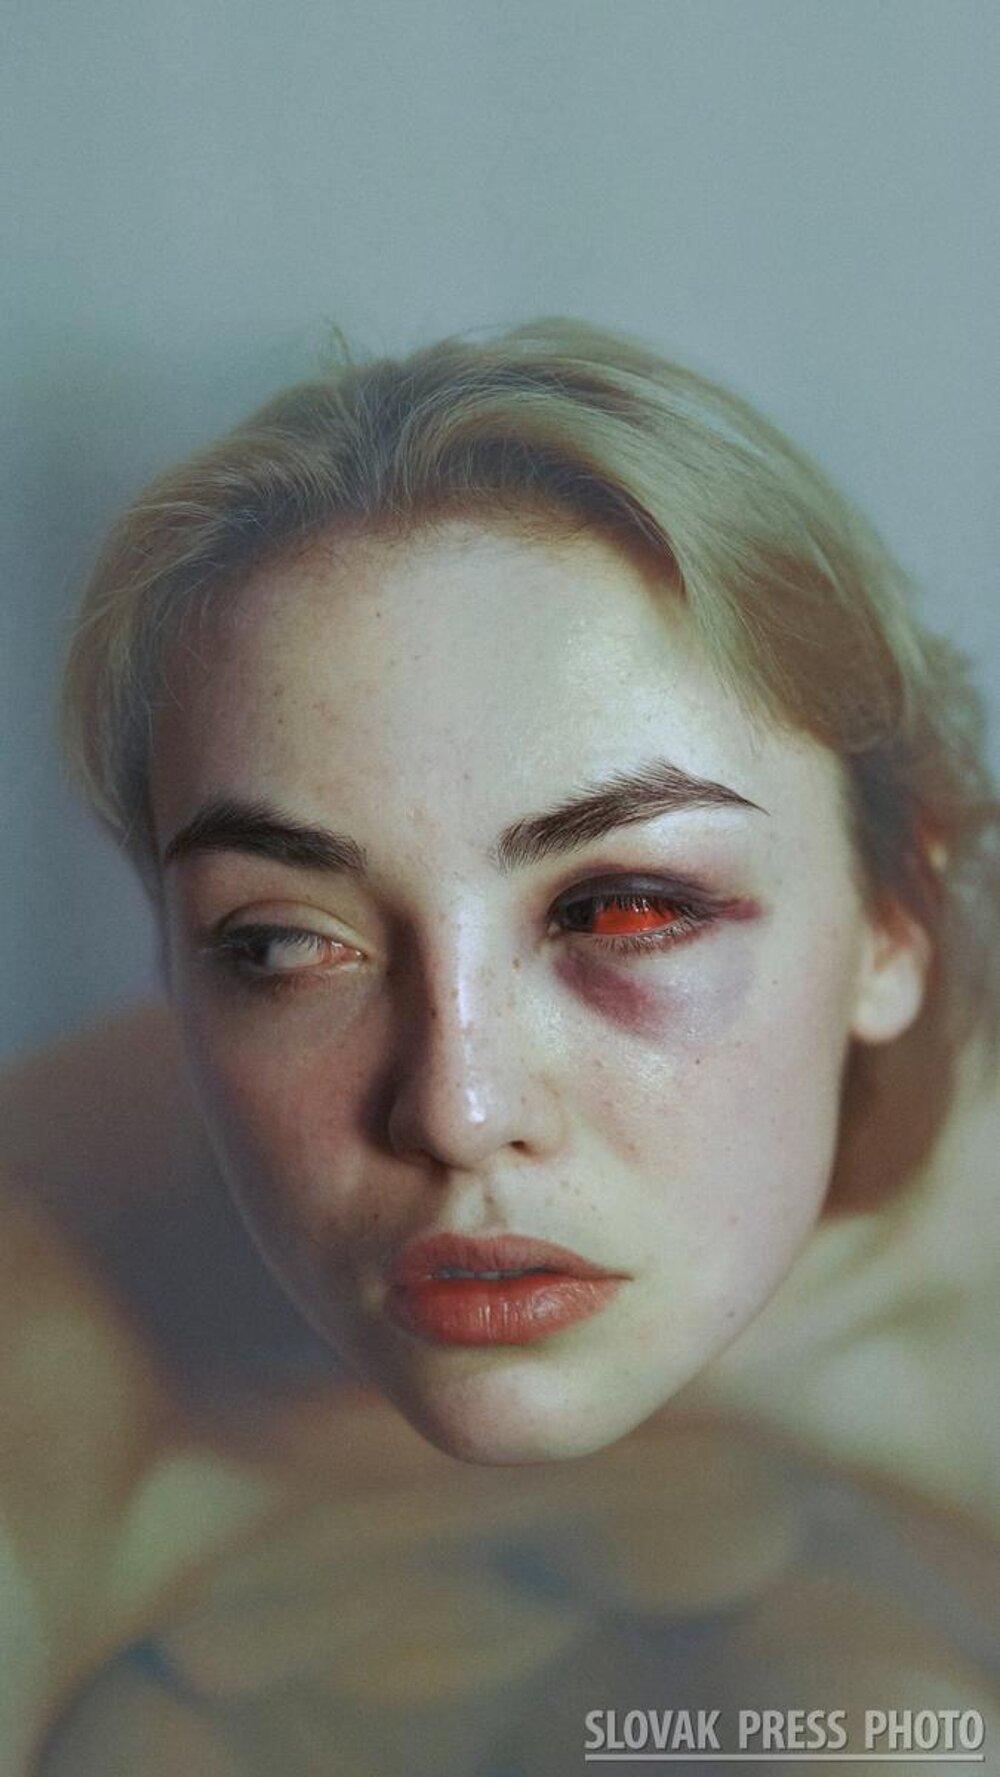 Víťazná fotografia kategórie Portrét - Šimona Müllerová